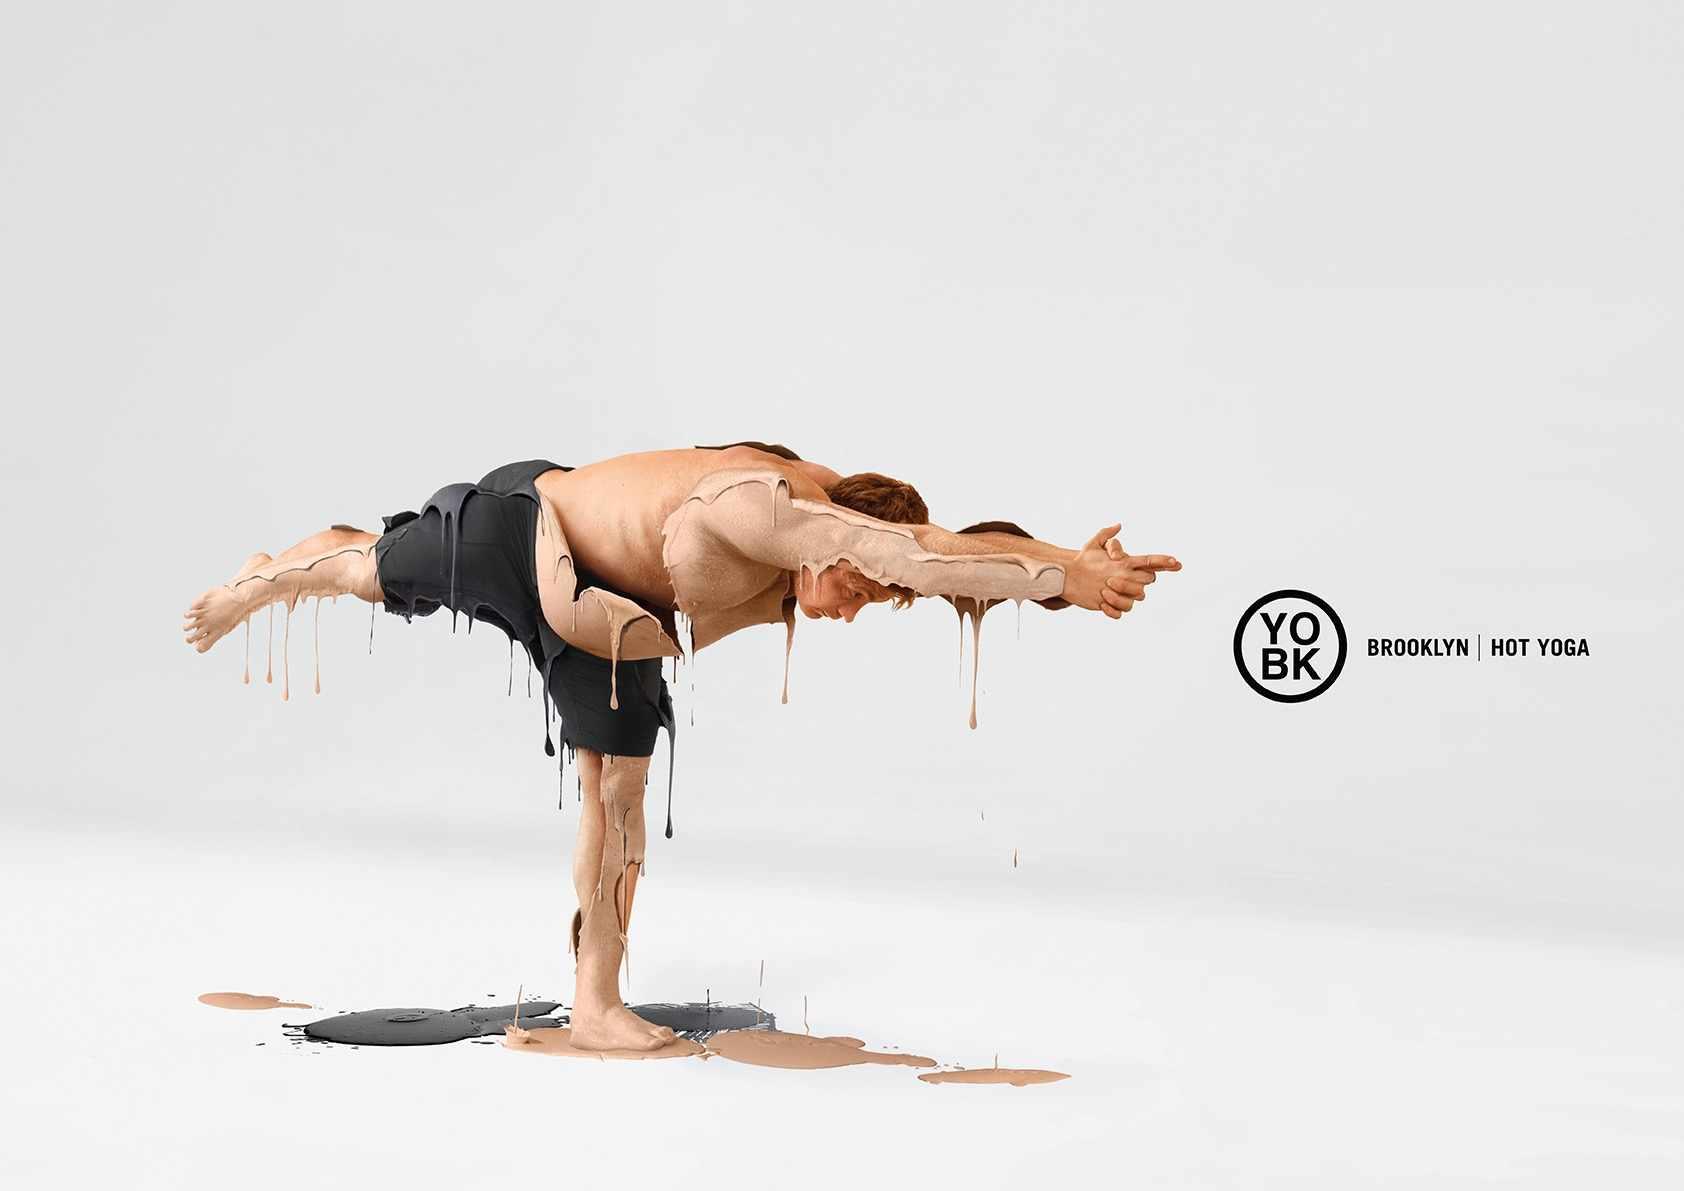 bk_yo_hot_yoga_3_rgb_72_aotw